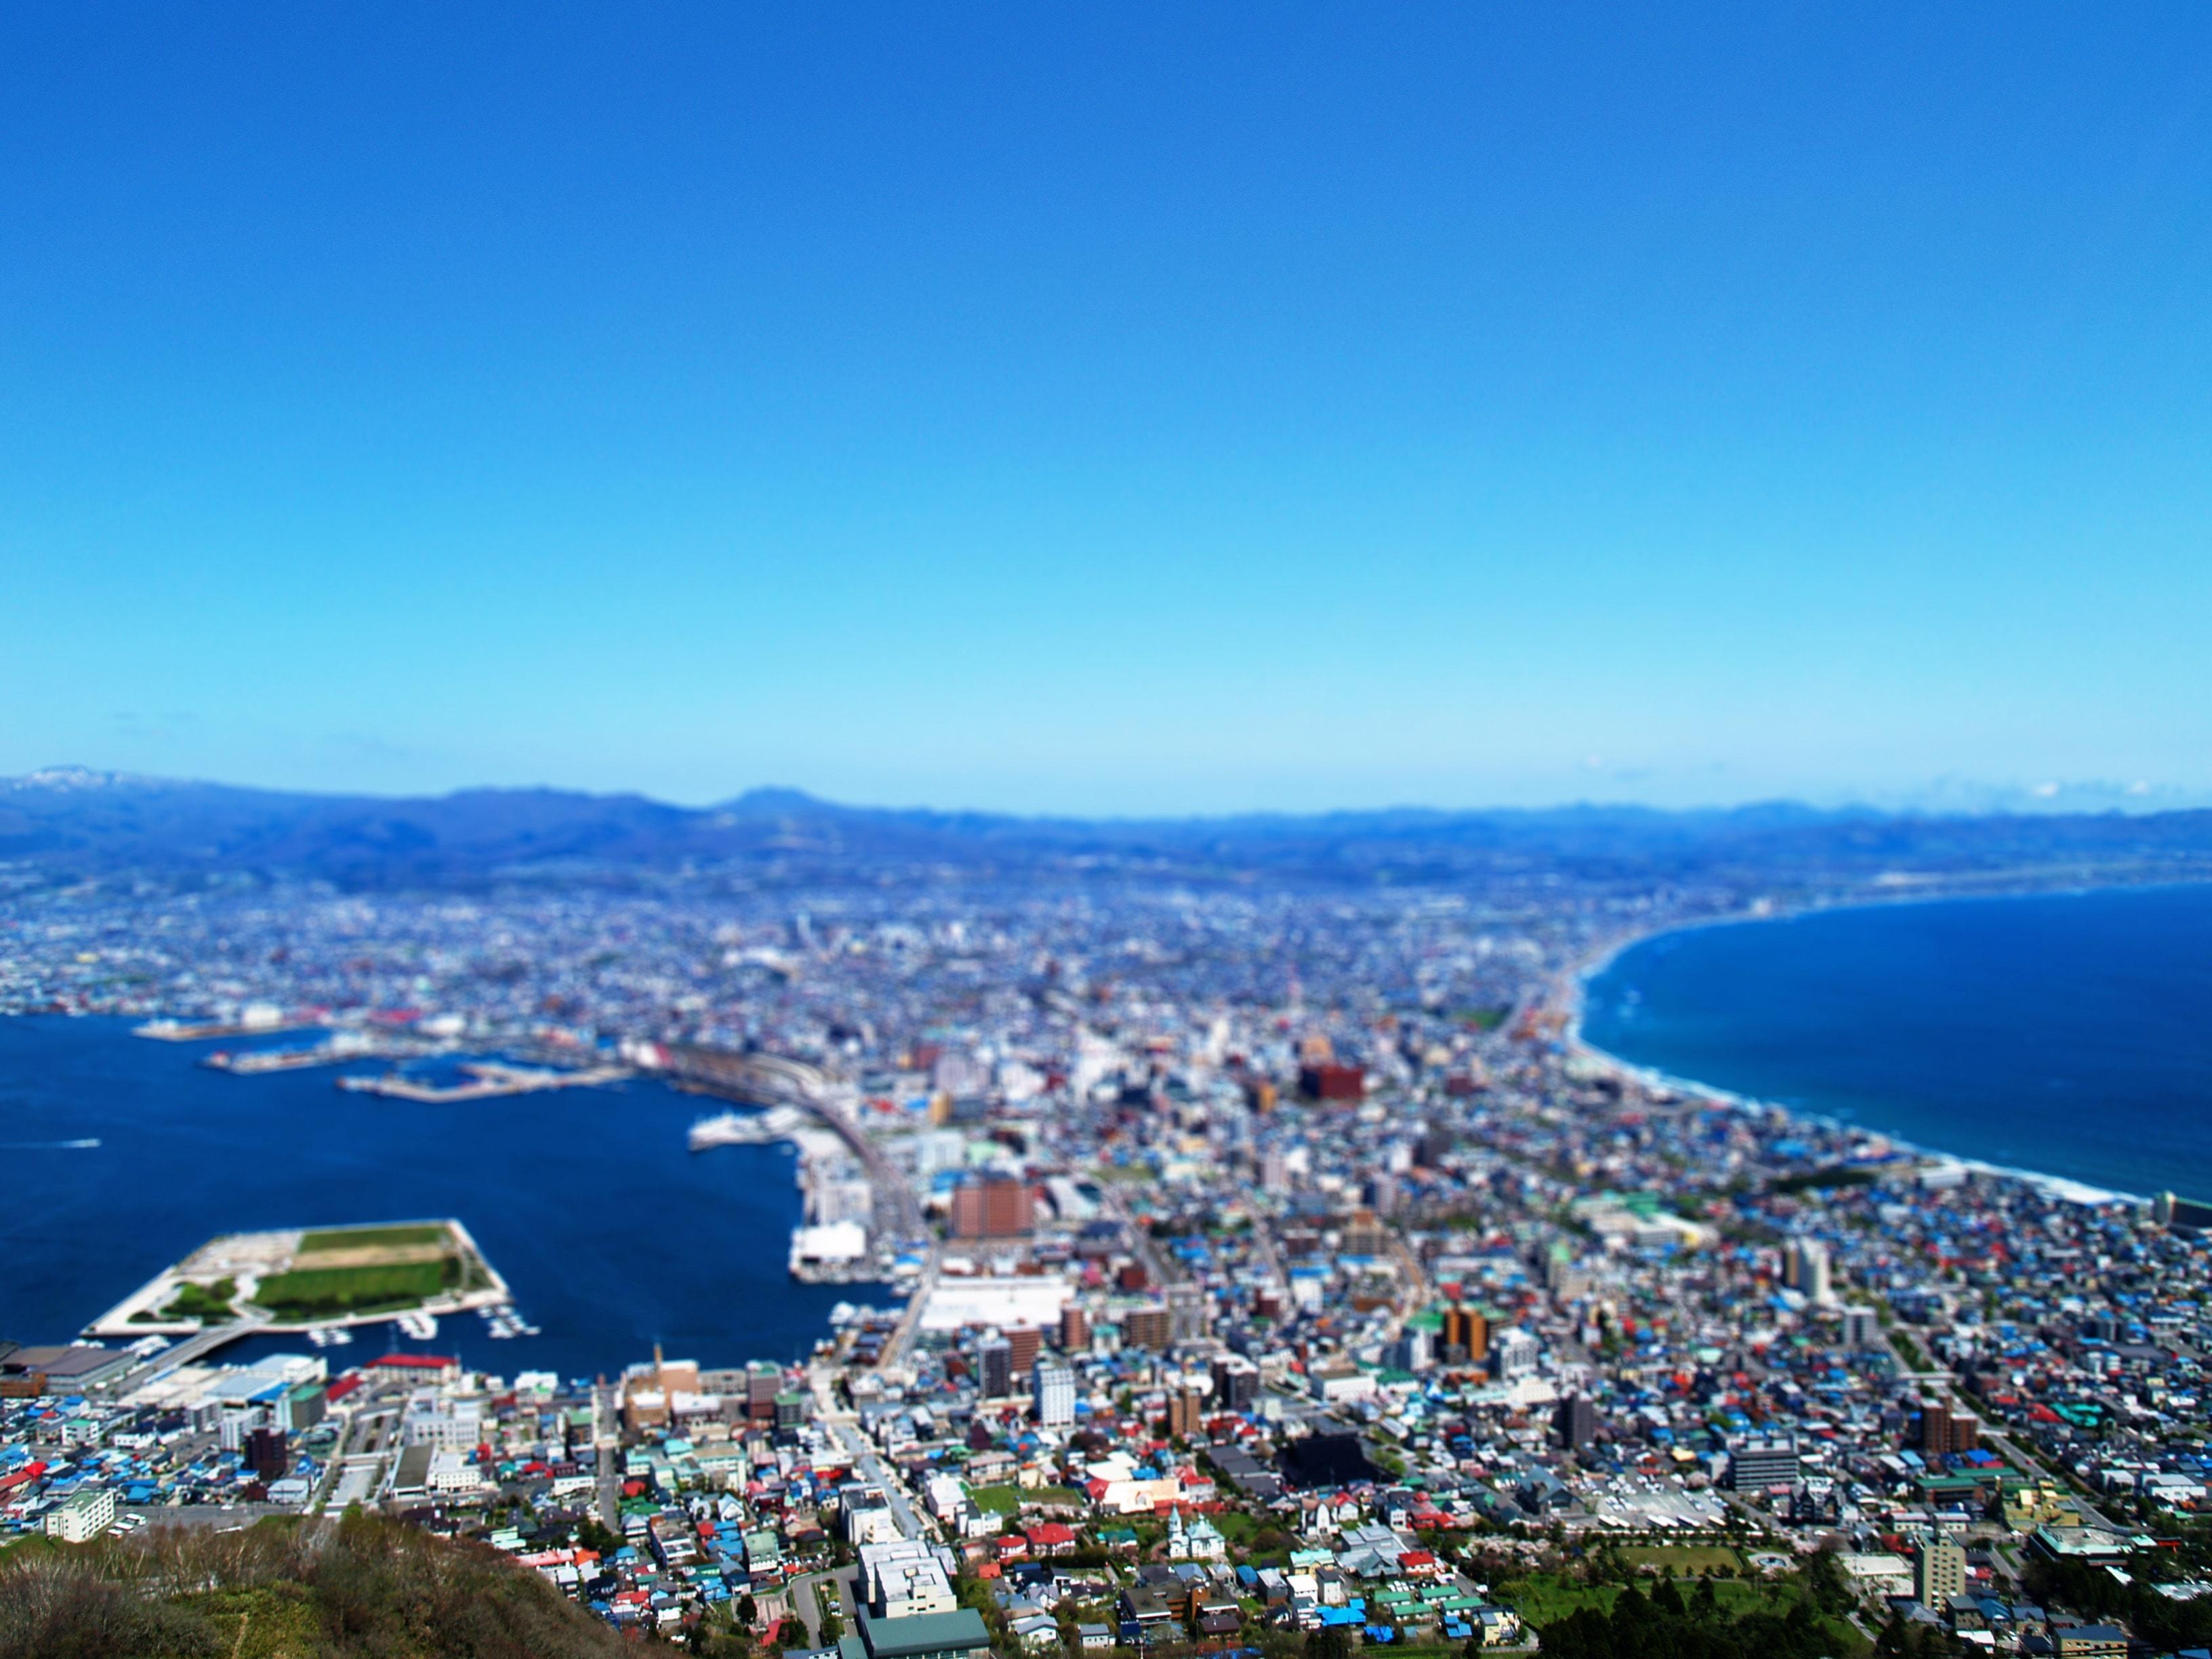 函館山山頂からの景色をジオラマ模型風 ミニチュア風 の壁紙を作りました ご自由にダウンロード下さい 函館のホームページ制作専門会社です